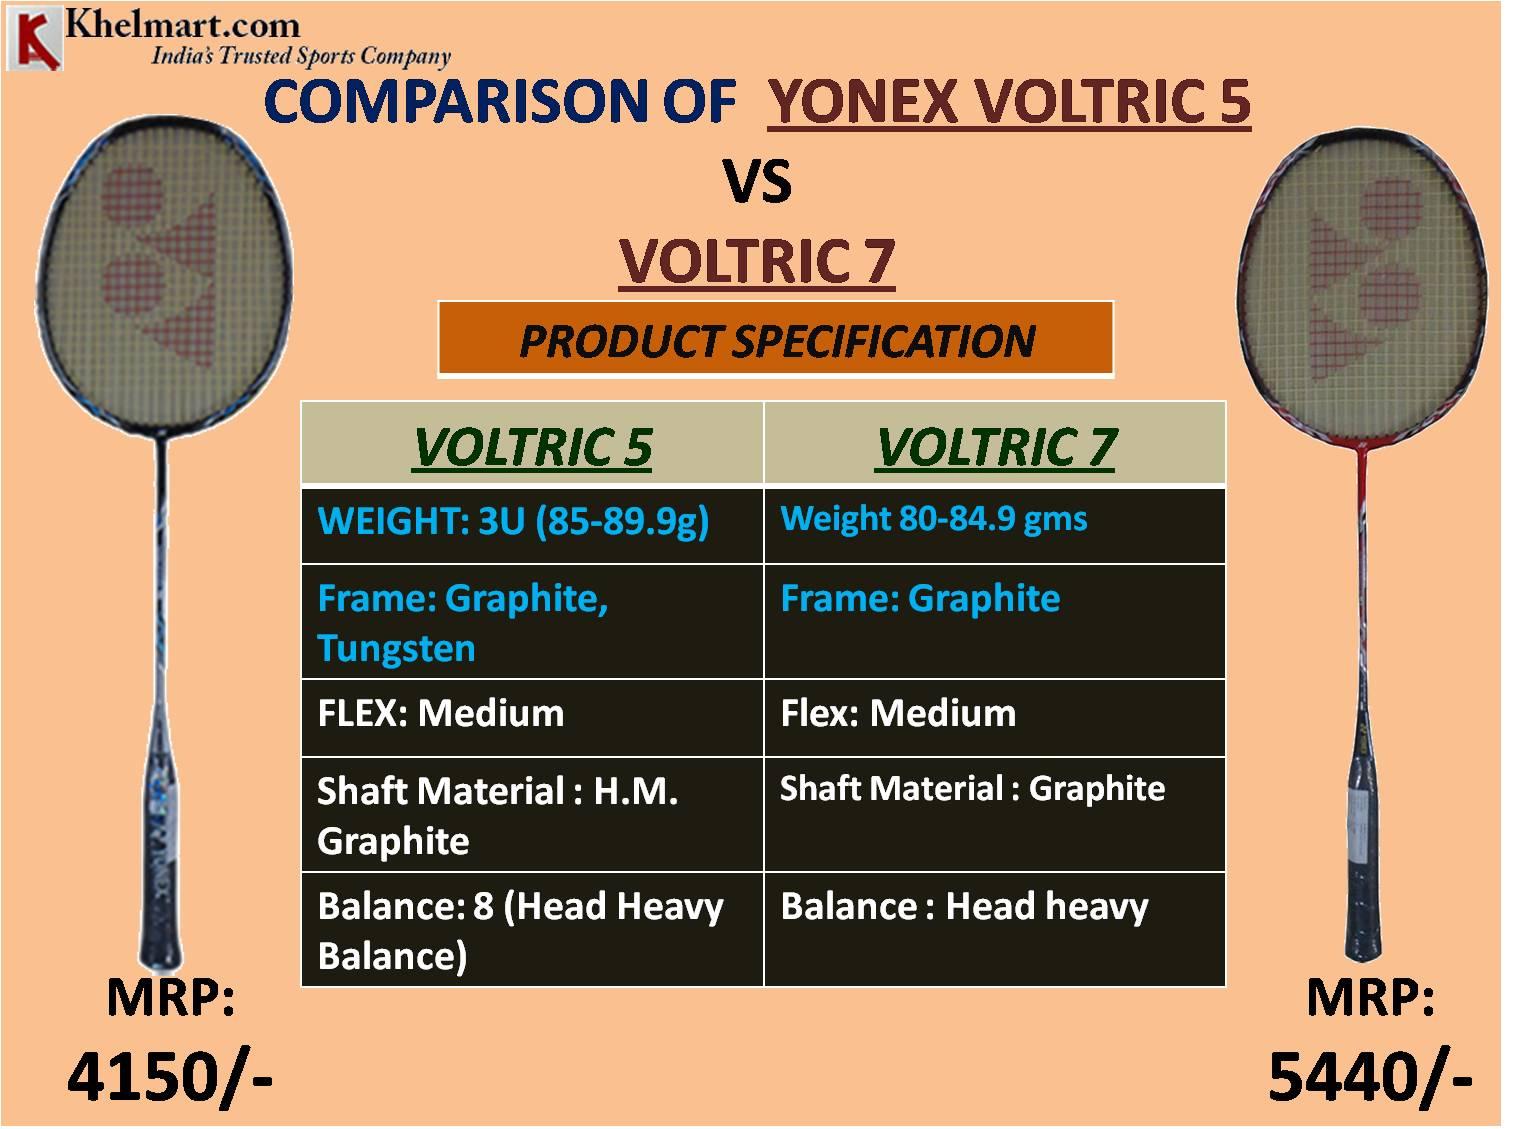 COMPARISON OF YONEX VOLTRIC 5 vs VOLTRIC 7